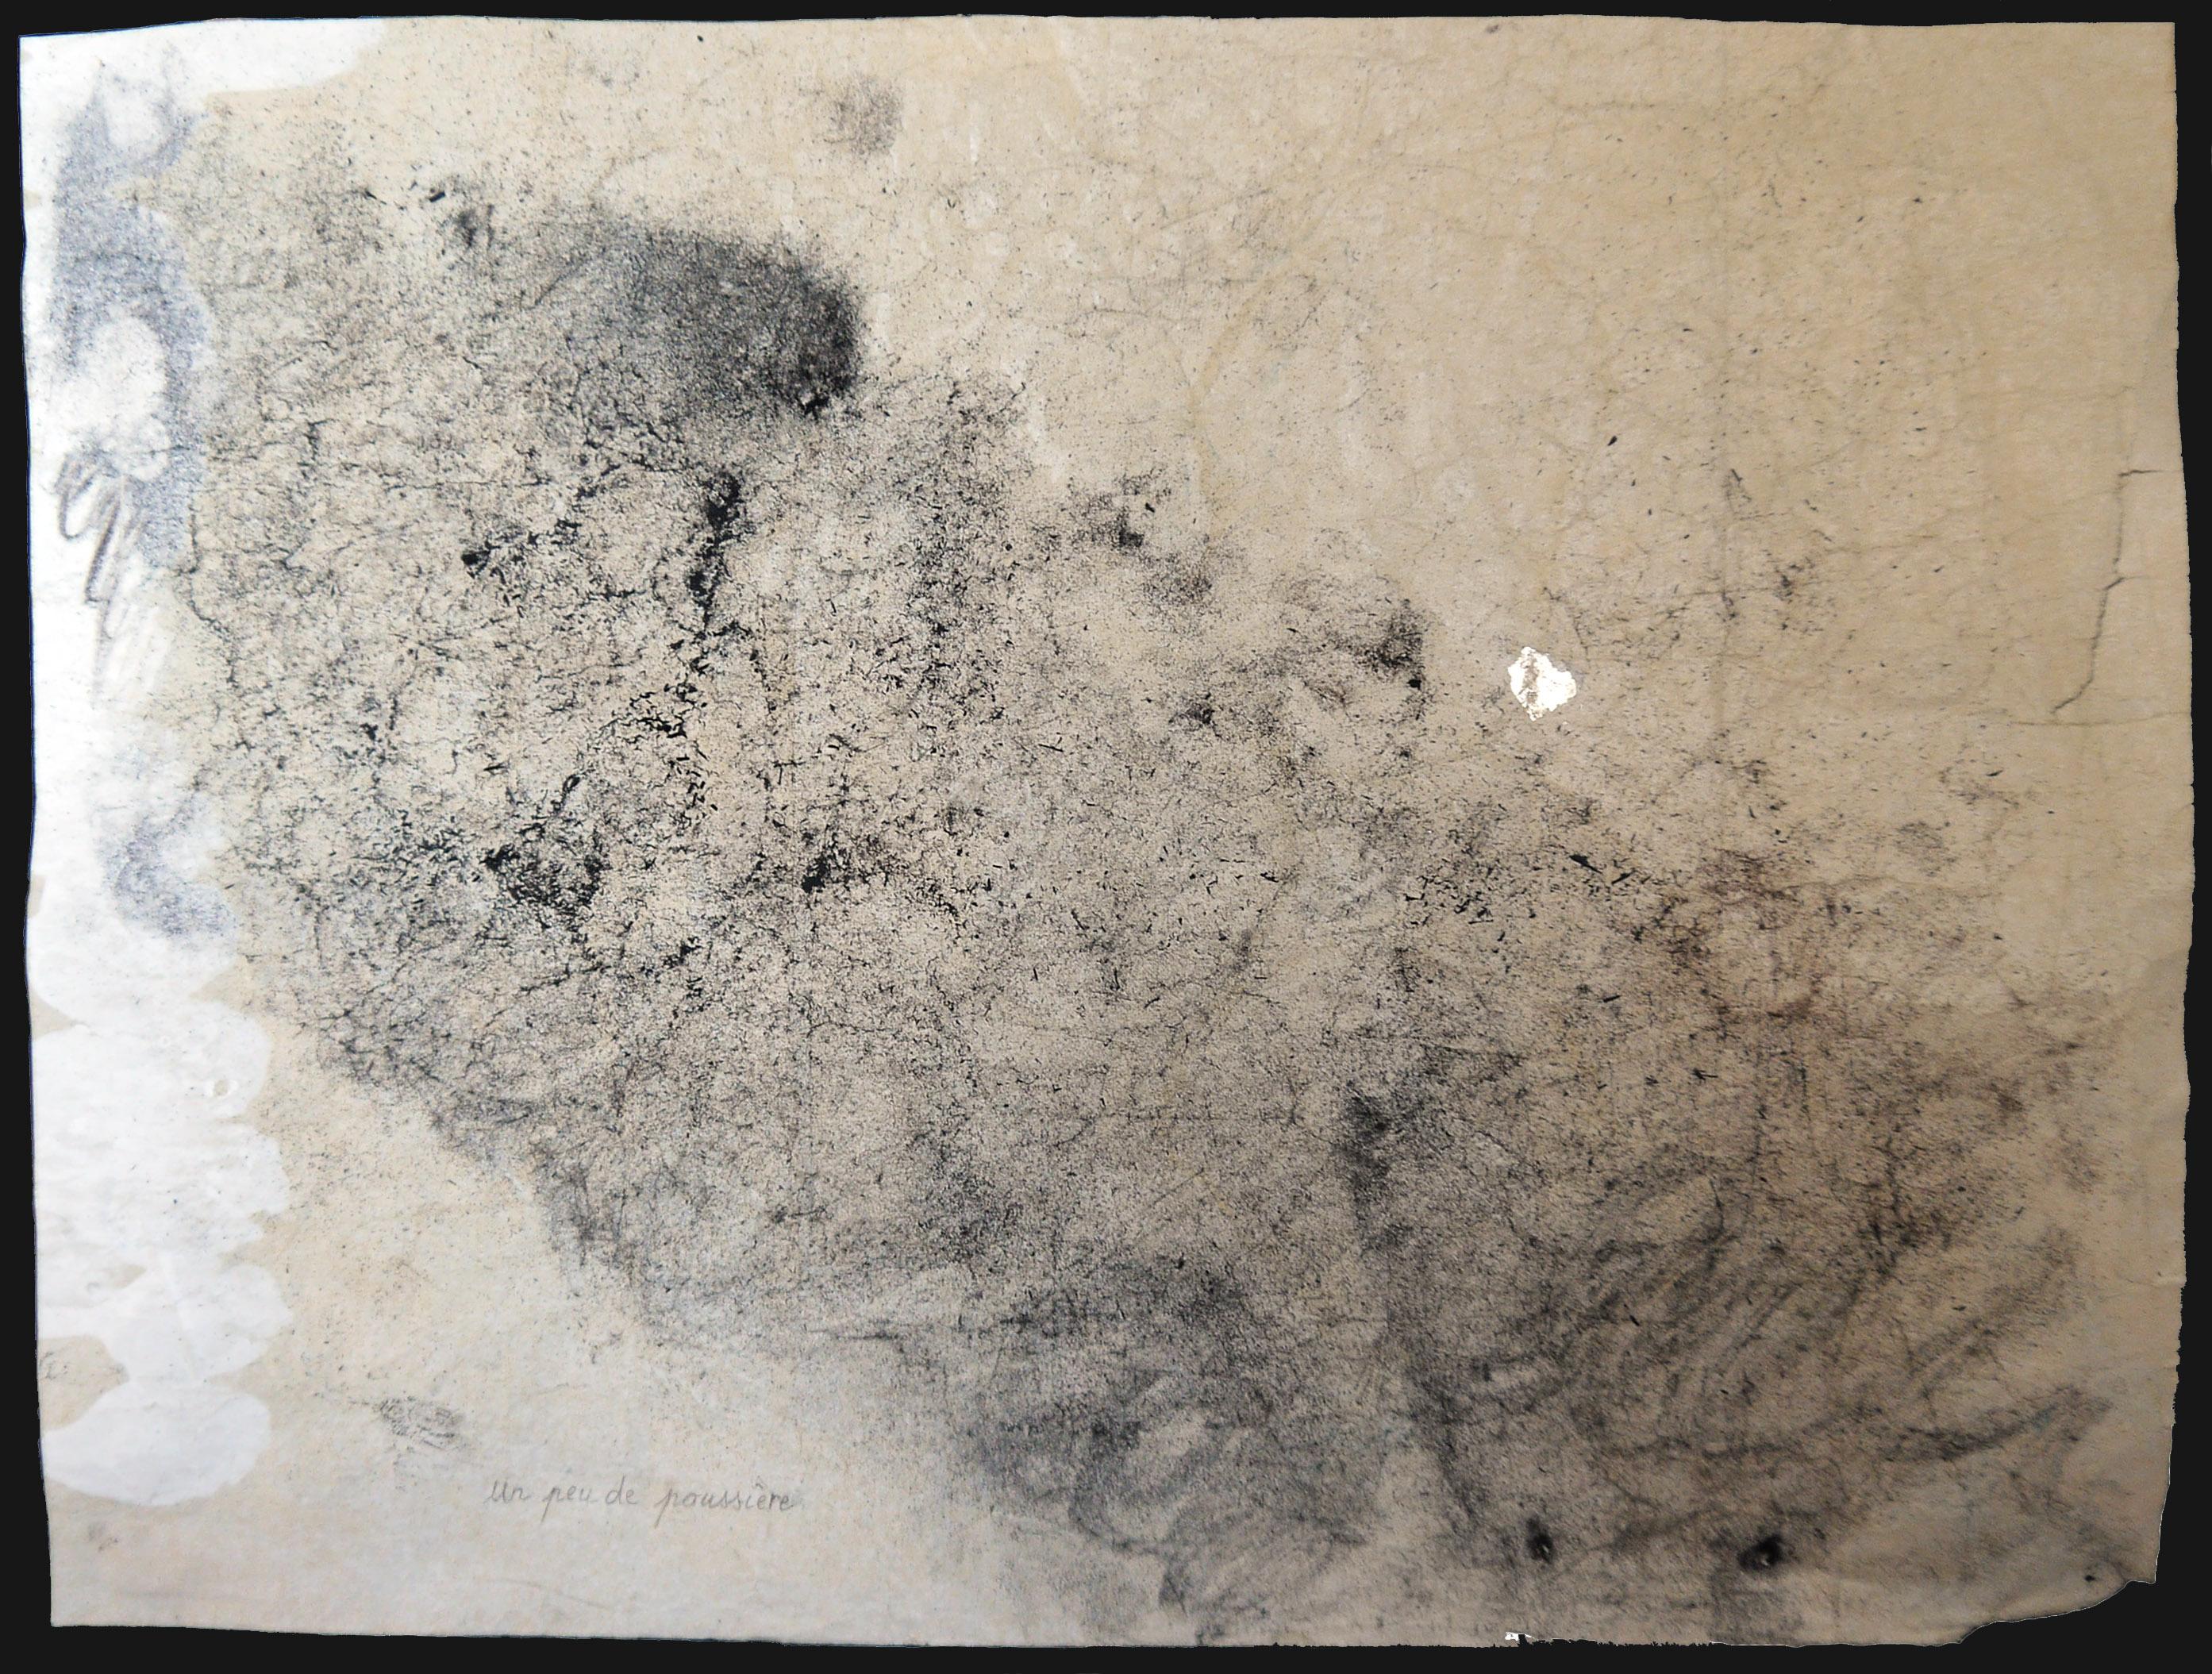 Un peu de poussière 2